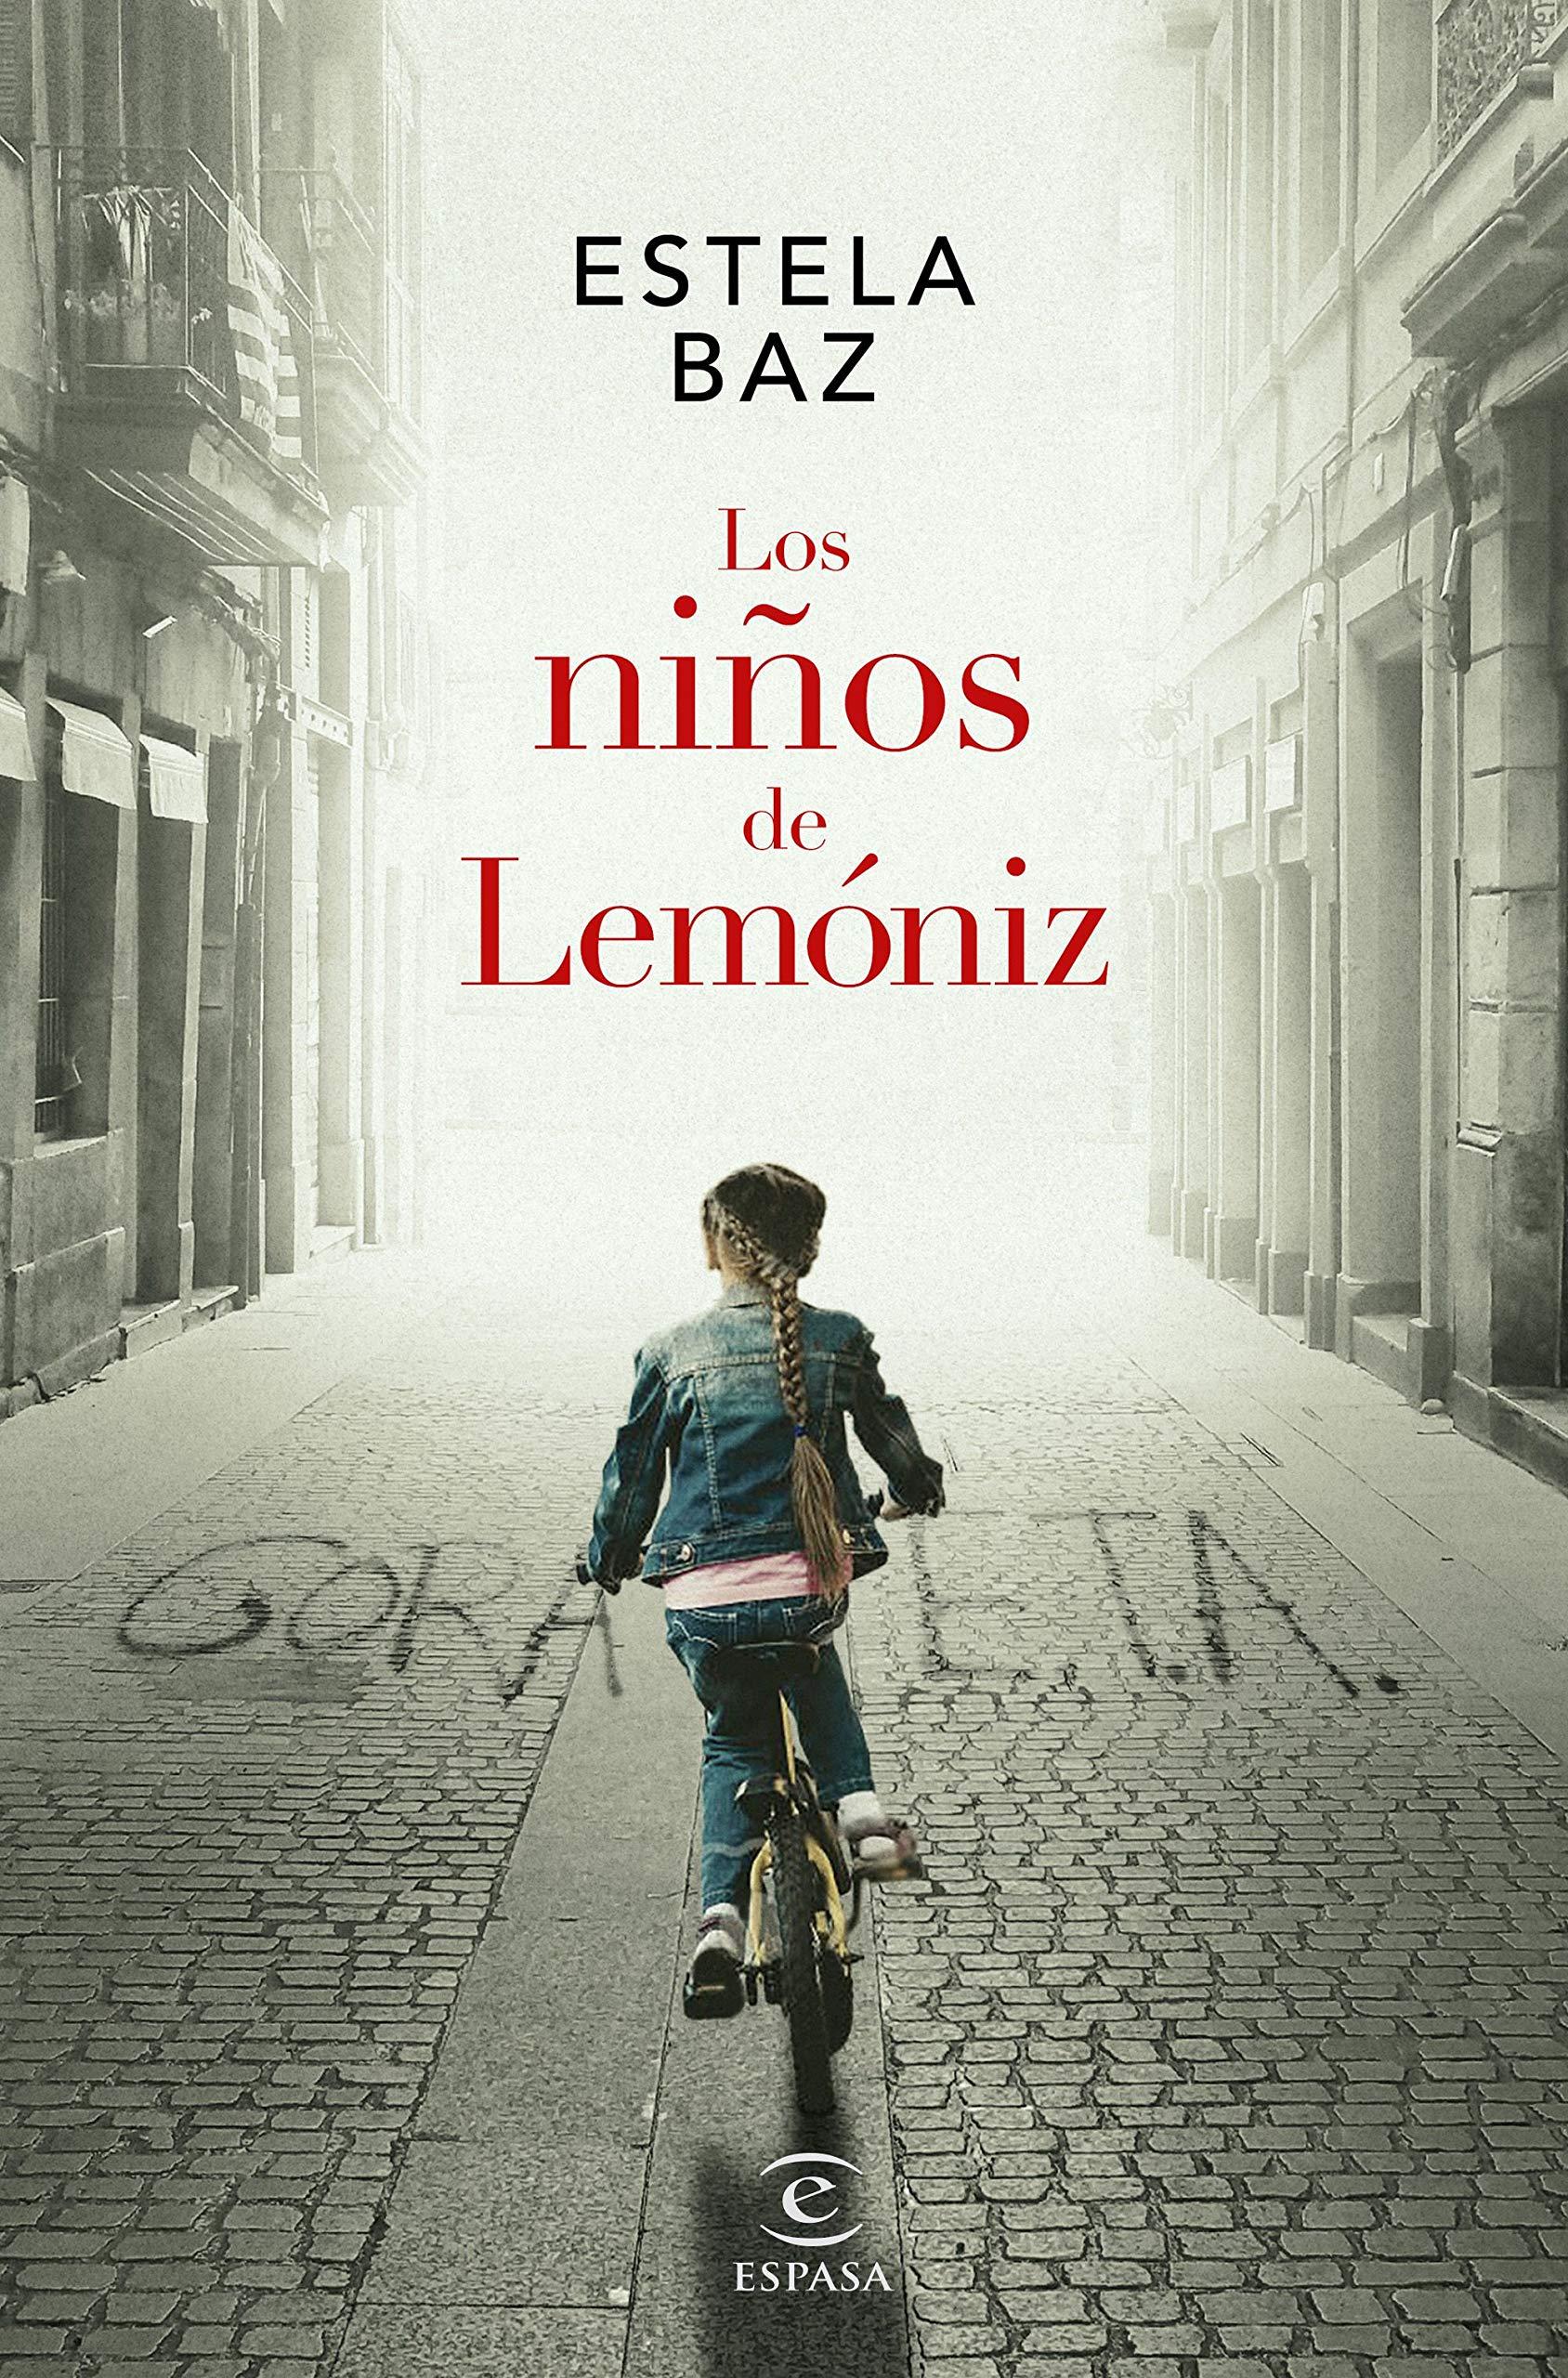 Portada libro - Los niños de Lemóniz